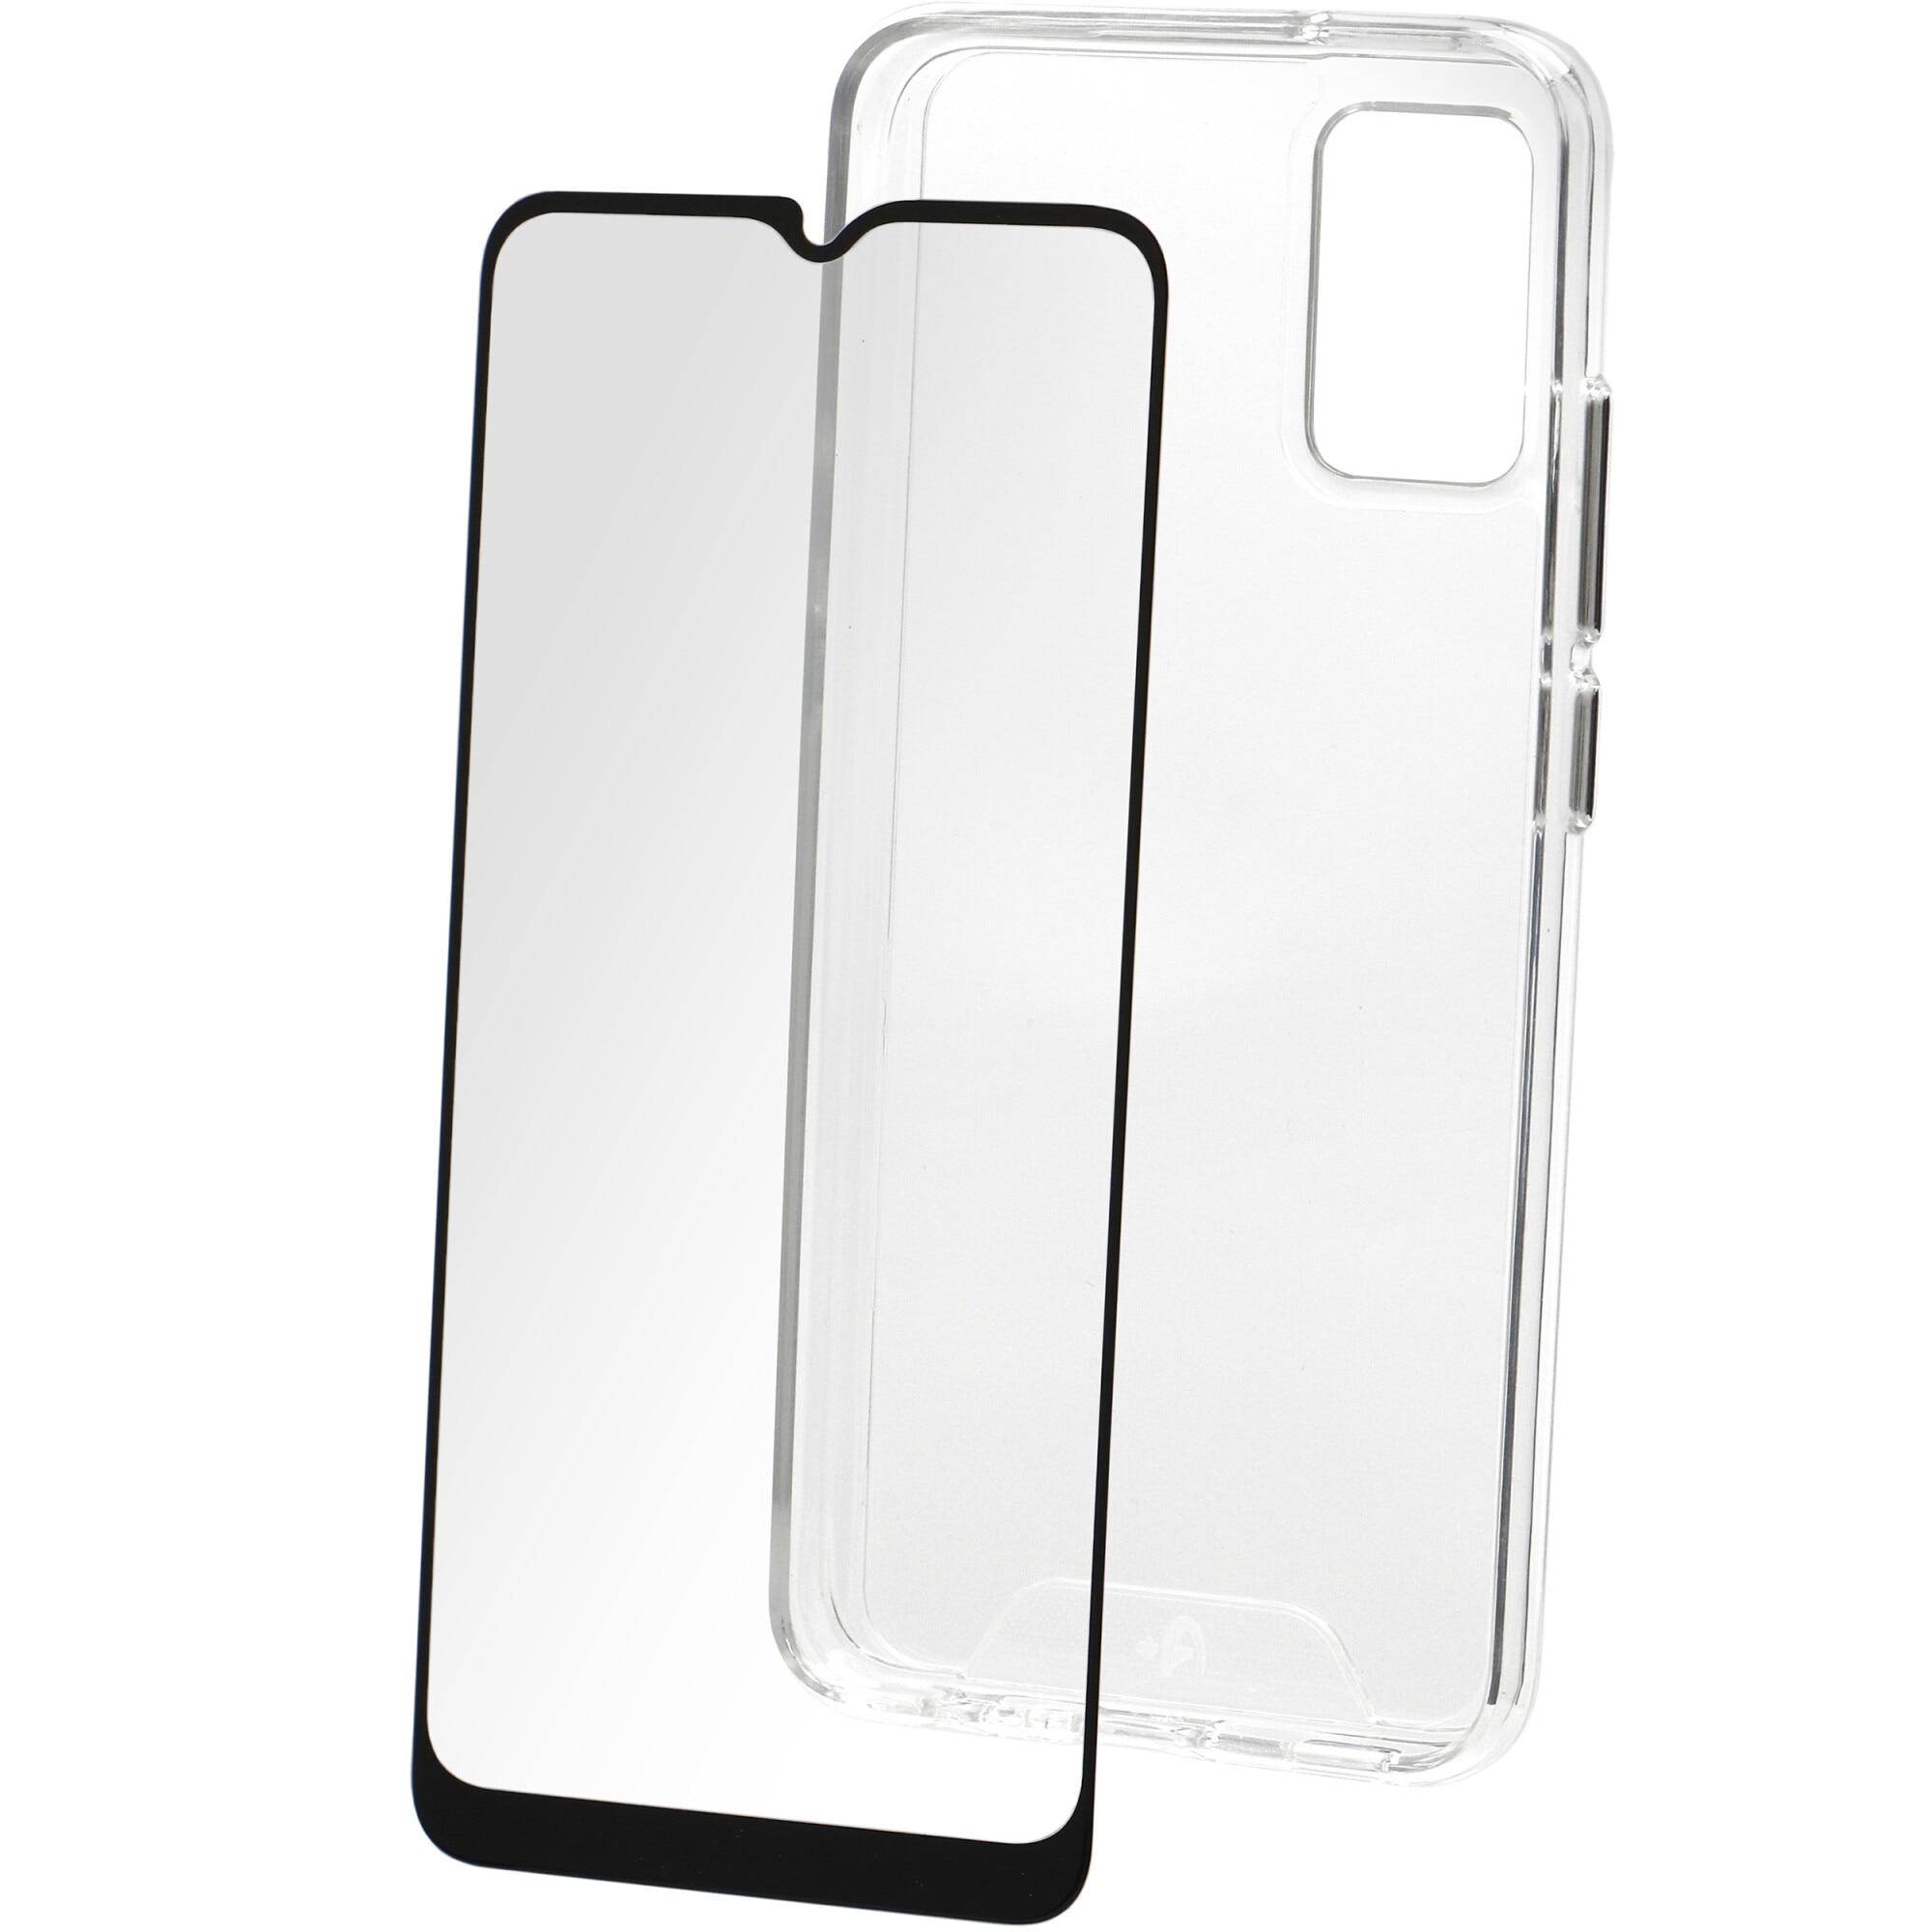 Fotografie Set Folie de protectie A+ Tempered Glass 2.5D/ Husa transparenta silicon A+ pentru Samsung A02s (2021)